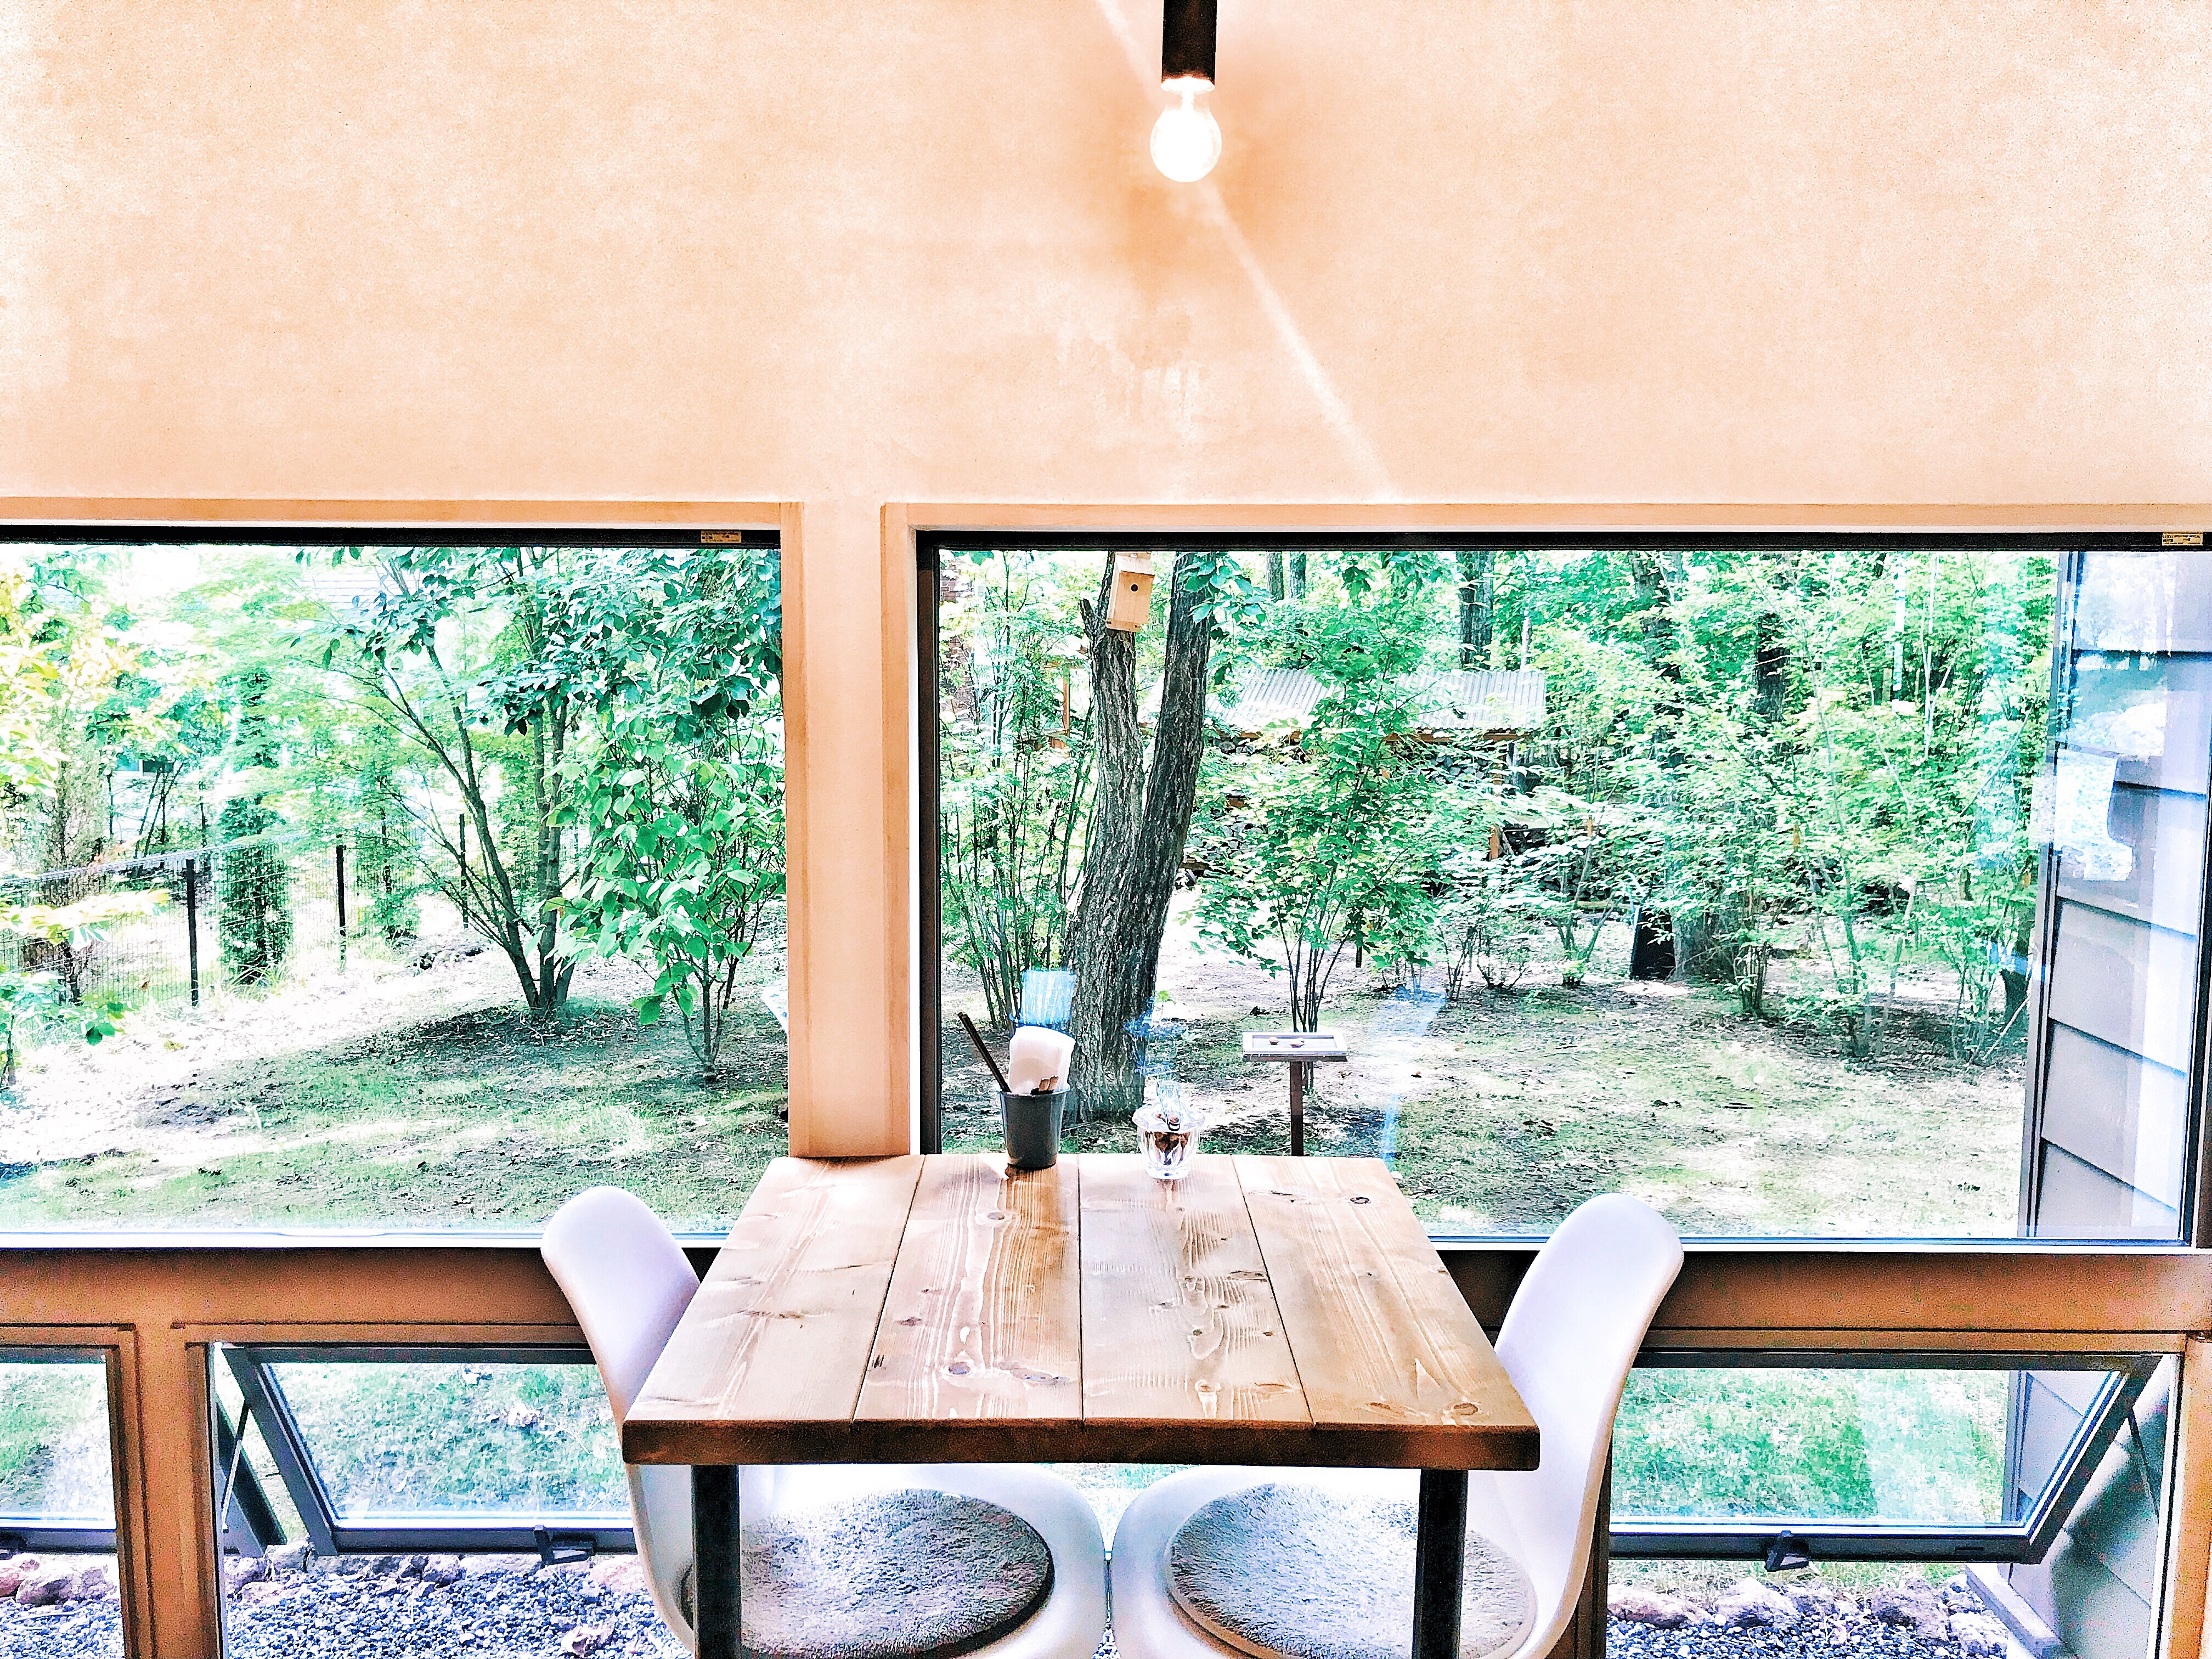 b76cee3a 6ced 48f9 b49c 72db3d29d15e - Cafe Forest Vale - また訪れたい 愛犬と過ごせる軽井沢の緑に囲まれたカフェ